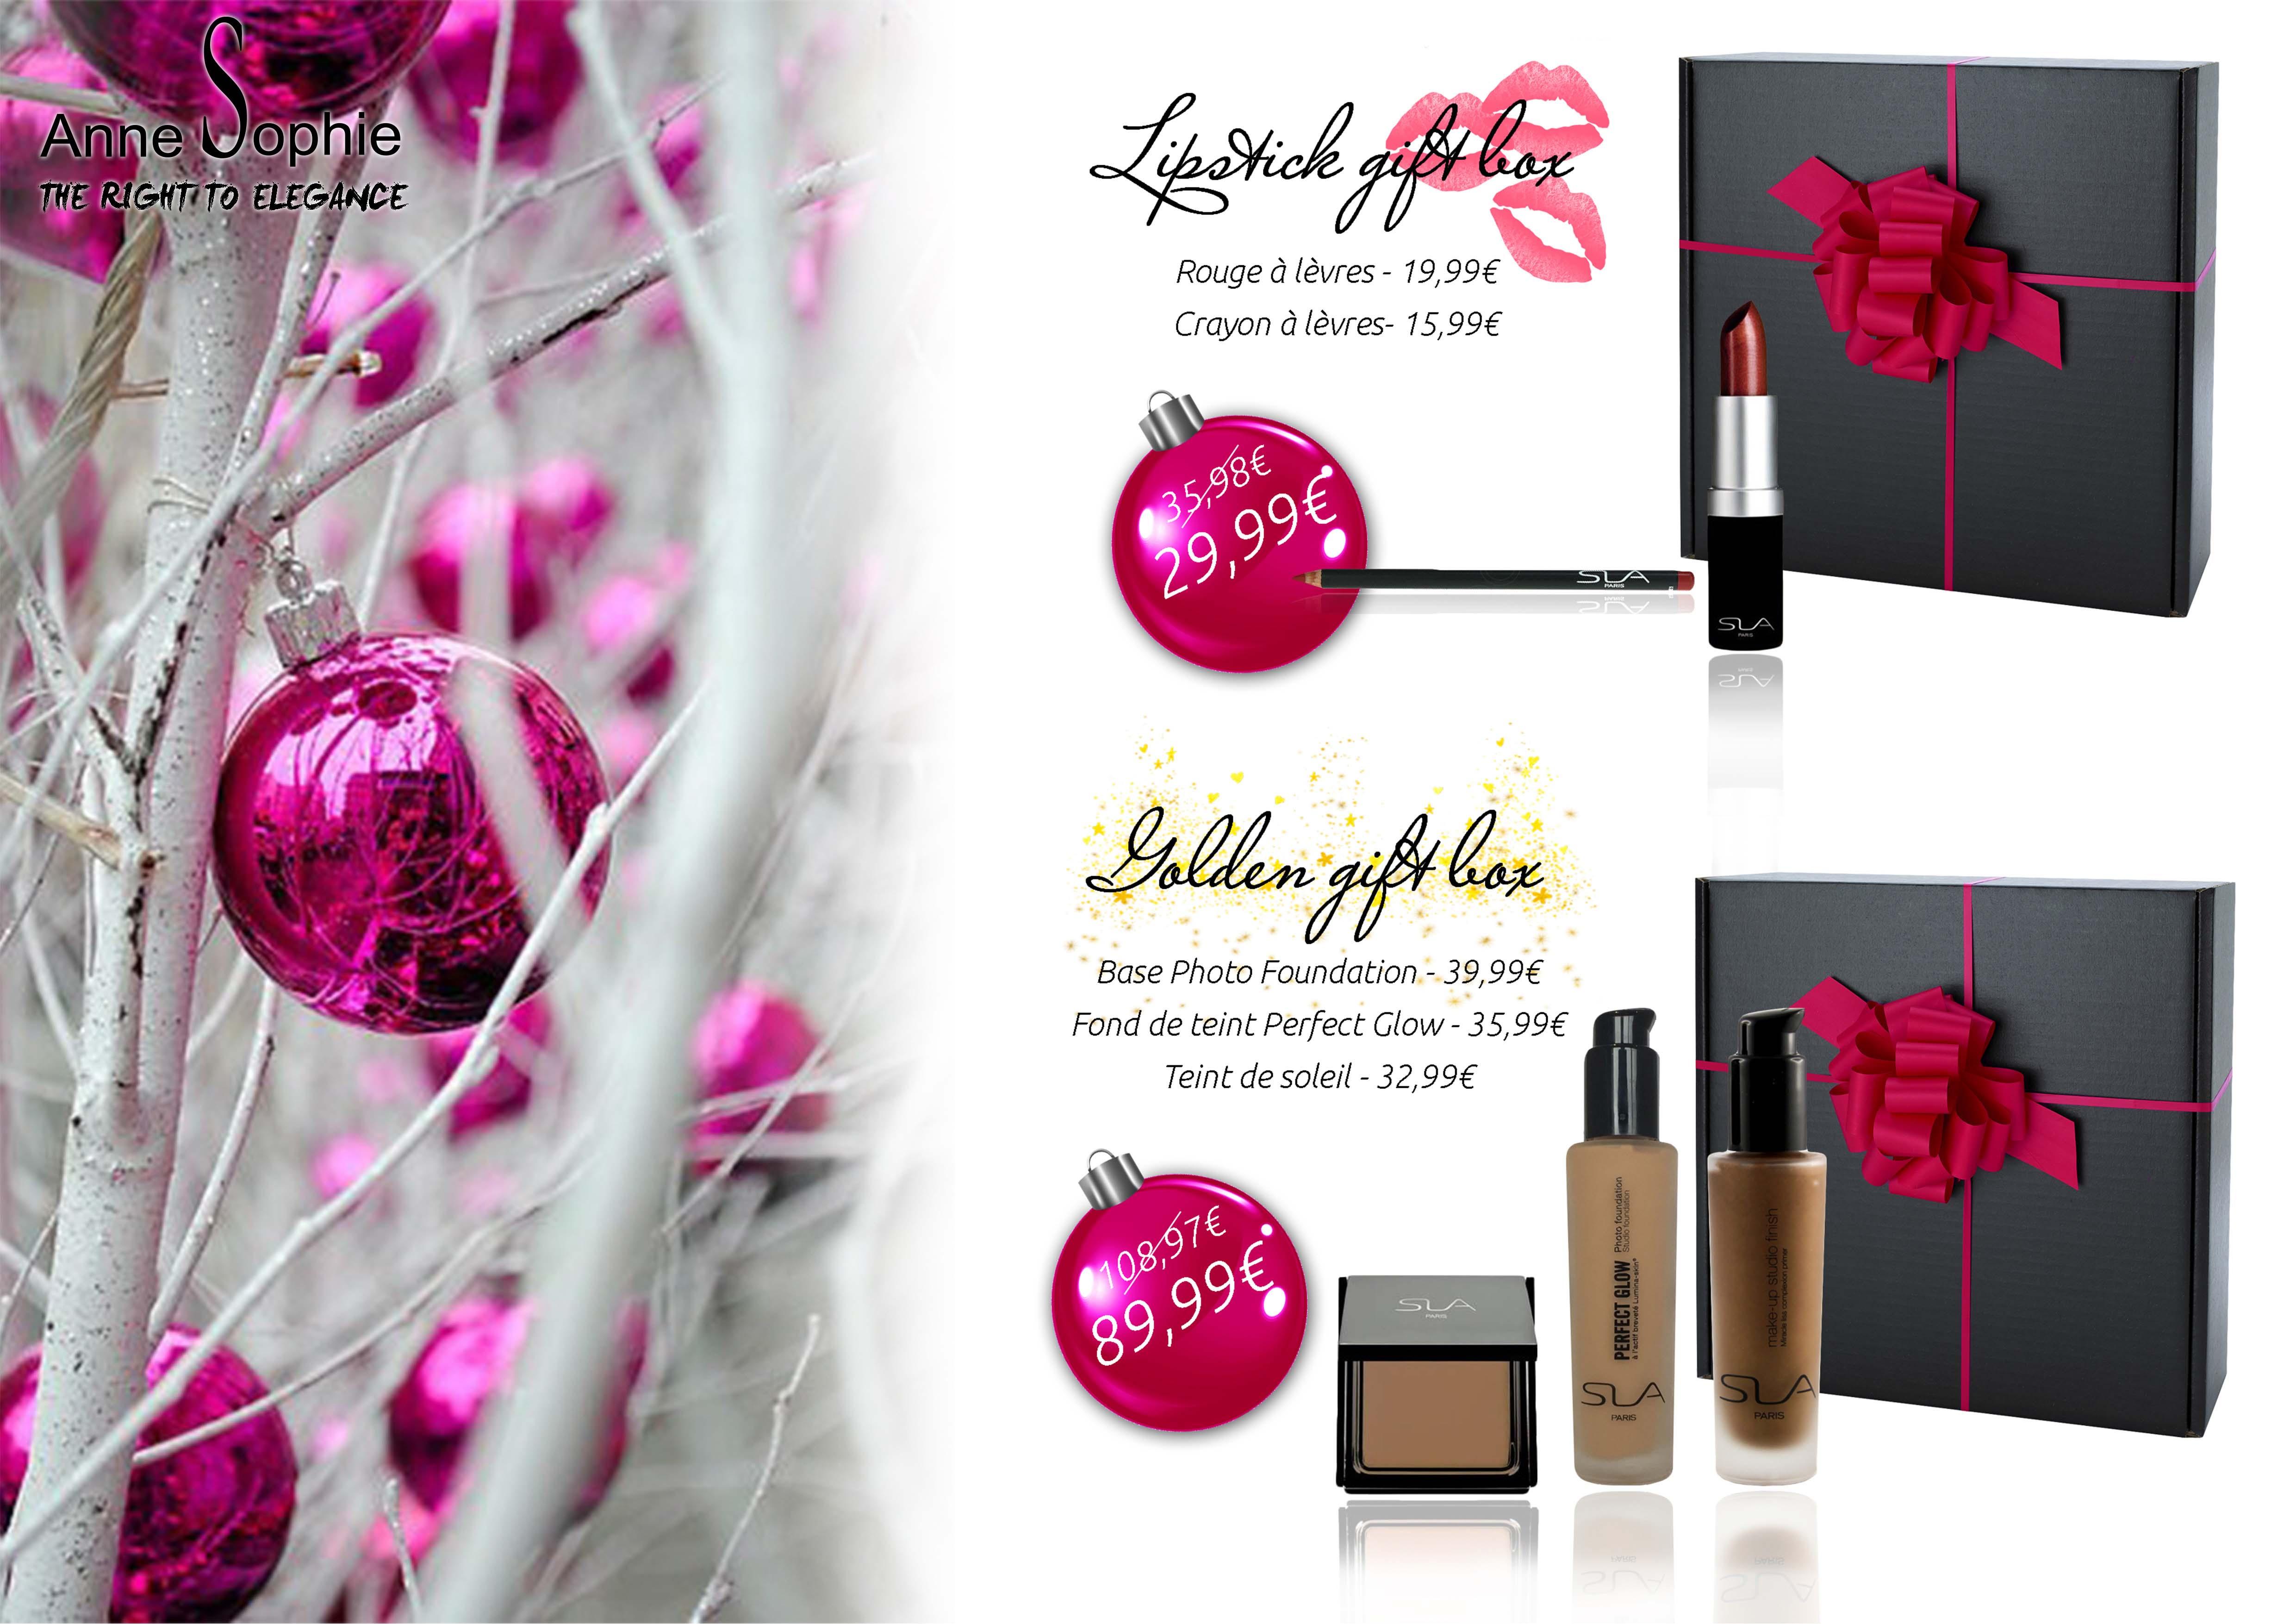 Box maquillage pour les f tes 2015 anne sophie - Maquillage pour les fetes ...